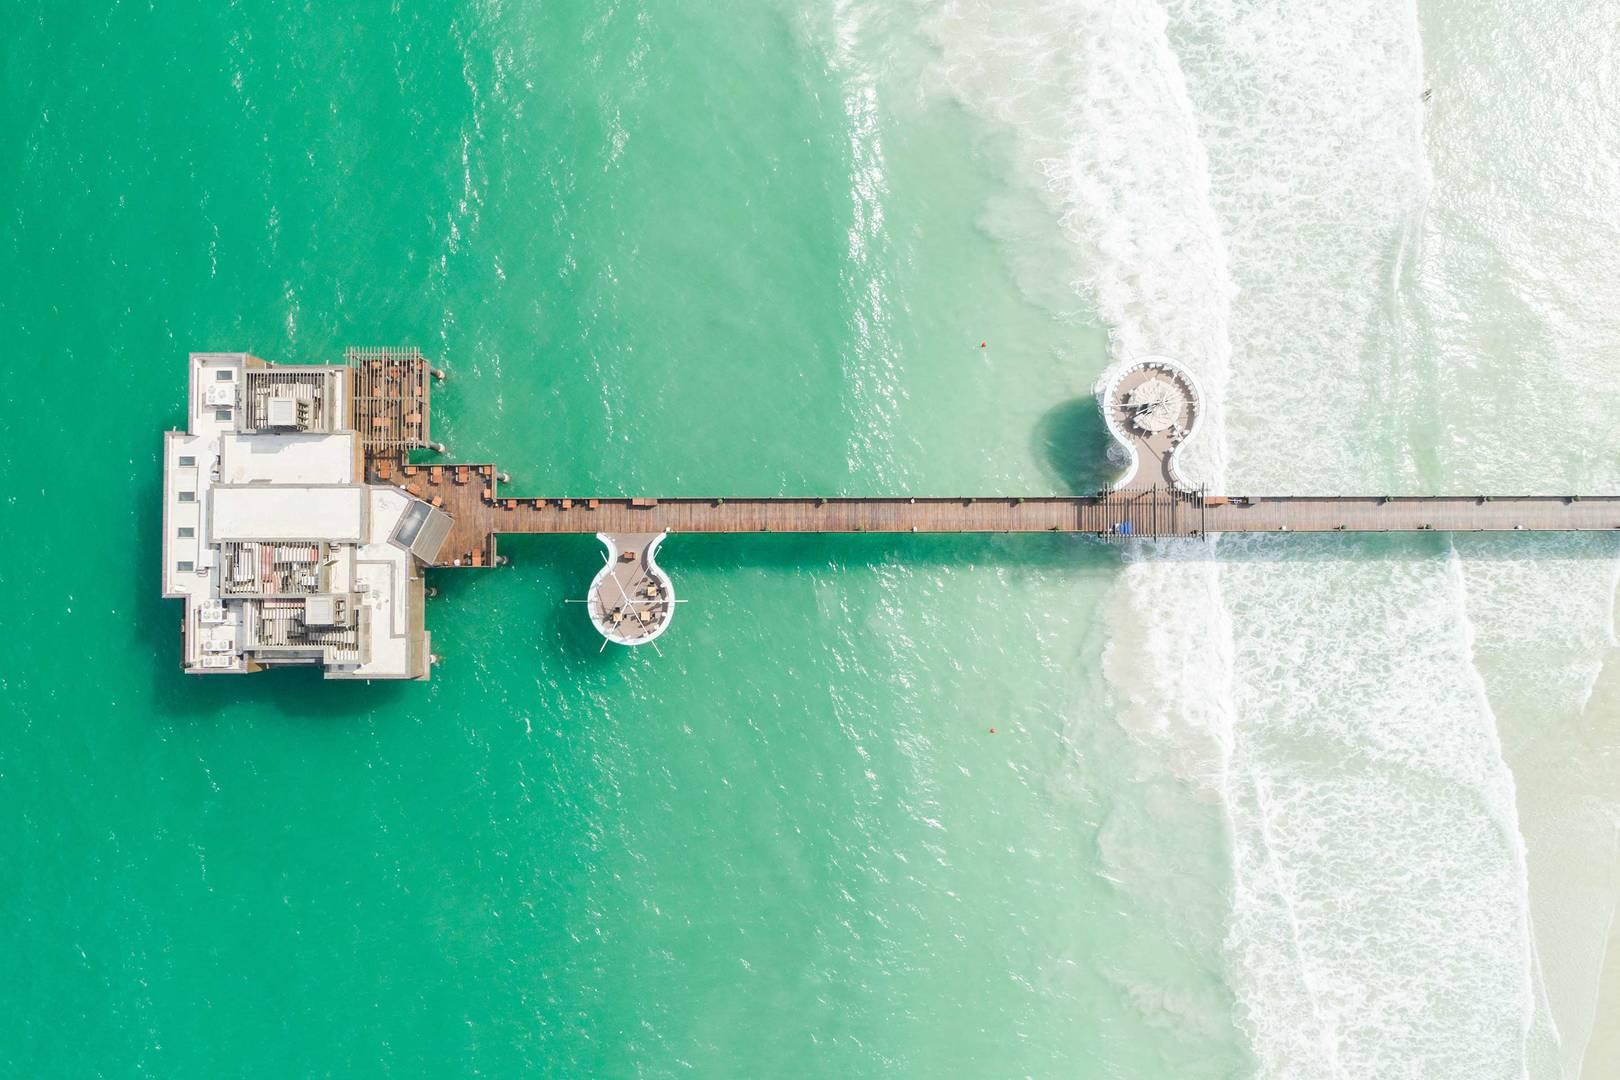 https://cdn.jumeirah.com/-/mediadh/DH/Hospitality/Jumeirah/Restaurants/Dubai/Al-Qasr-Pierchic/Restaurant-Gallery/Jumeirah-Al-Qasr-Pierchic-Aerial-Drone_6-4.jpg?h=1080&w=1620&hash=31B2E8B6E31508AE11FA831A3F3F31E4